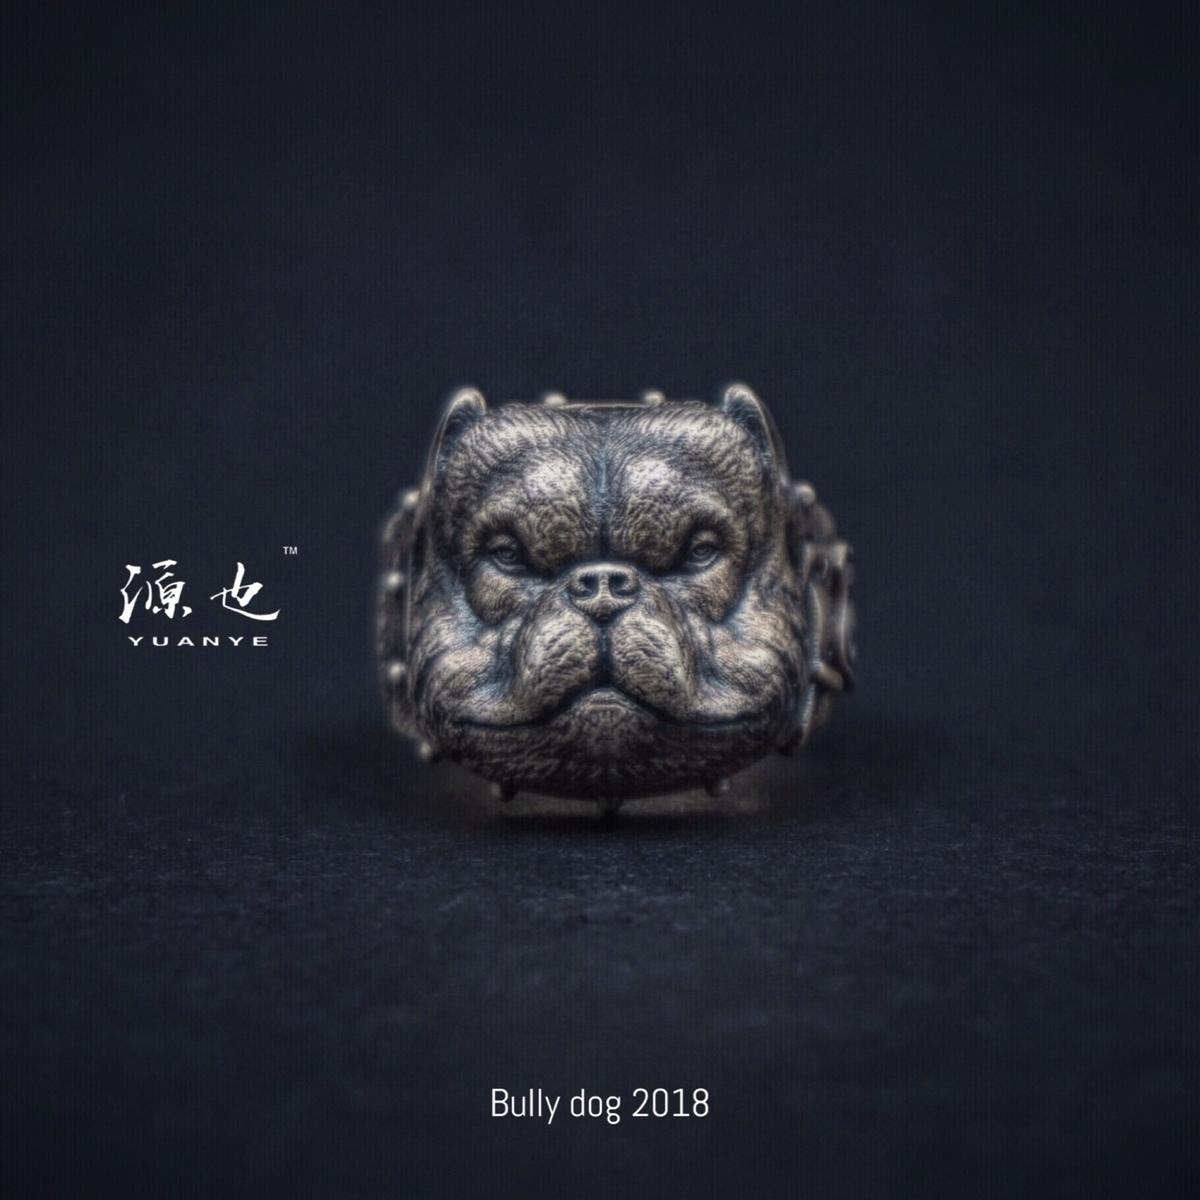 源也 原创S925恶霸犬纯银戒指 斗牛犬本命年简约个性复古指环新品